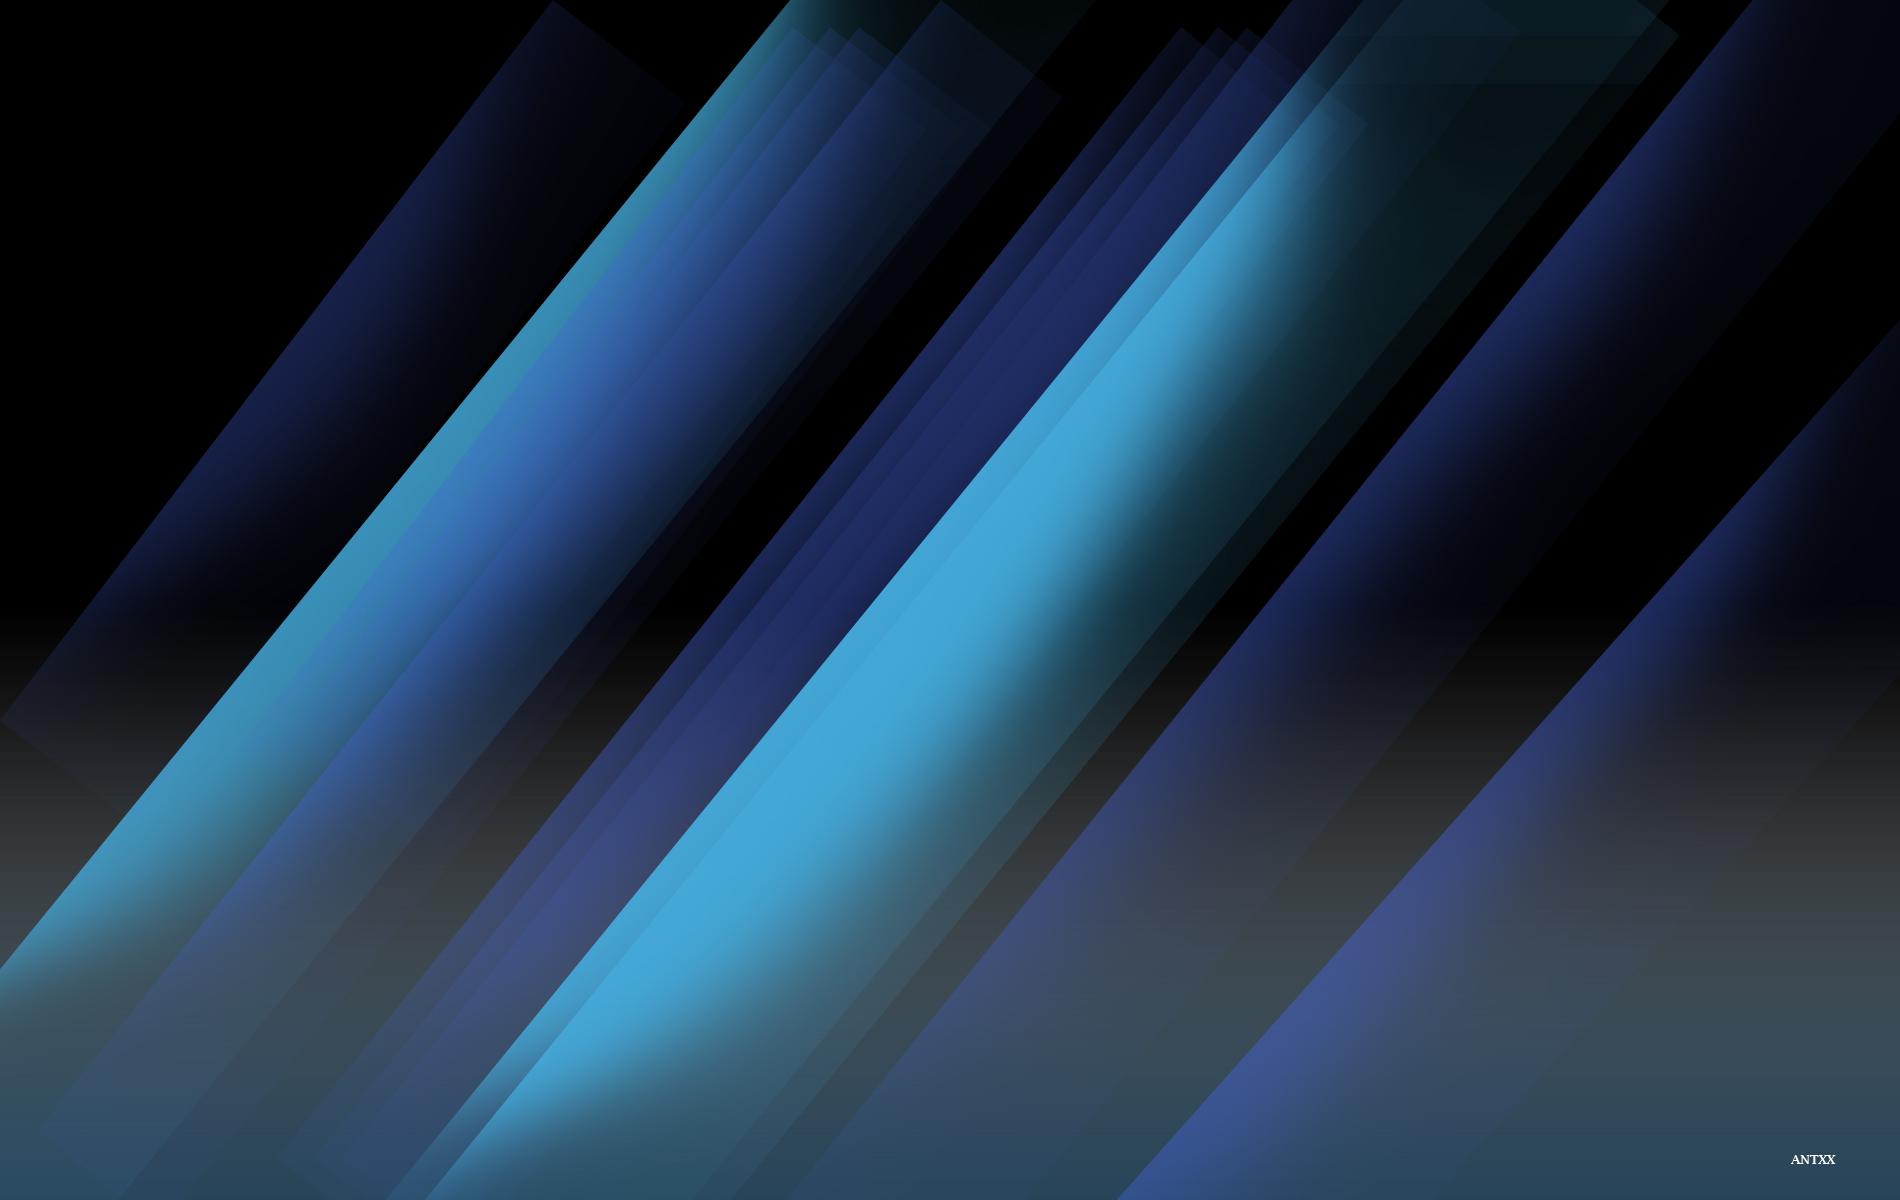 Rectangles wallpaper style – 3dDub